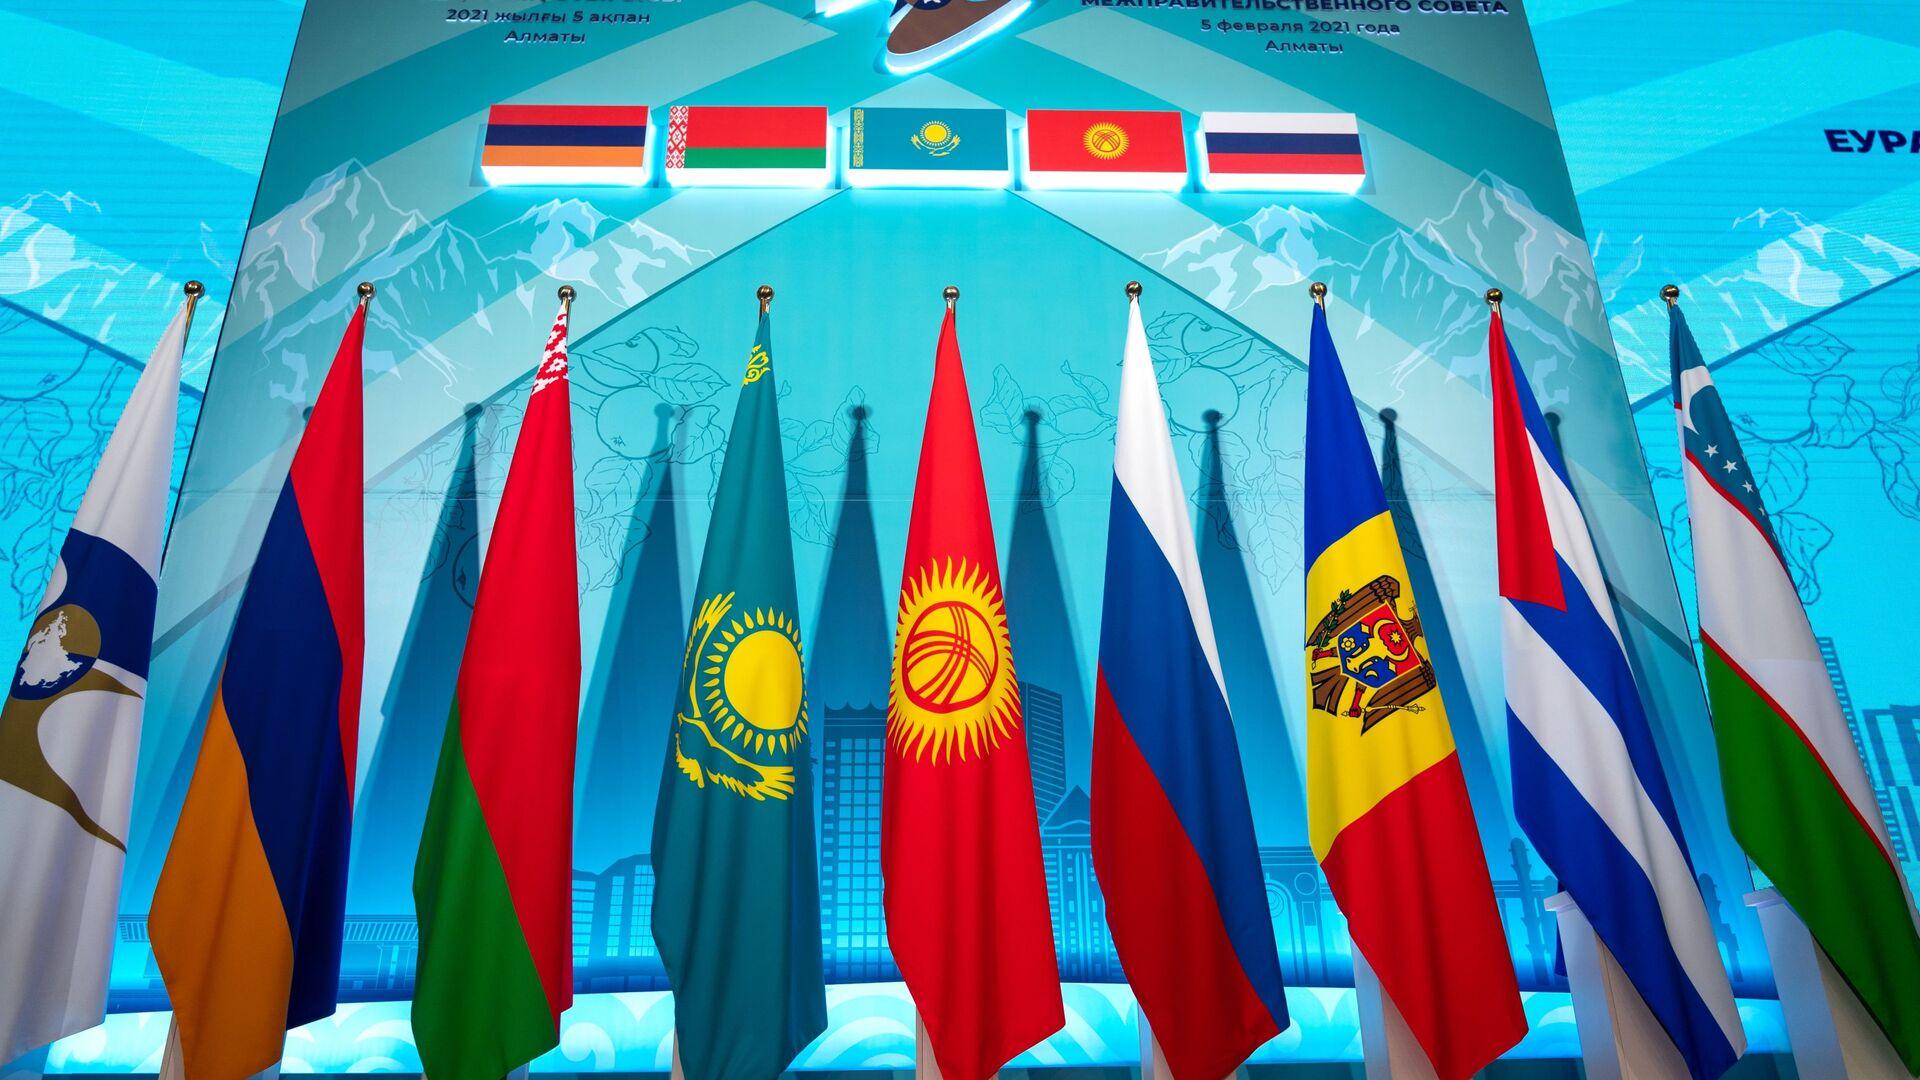 Флаги стран-участниц ЕАЭС и государств-наблюдателей при союзе - Sputnik Ўзбекистон, 1920, 13.10.2021